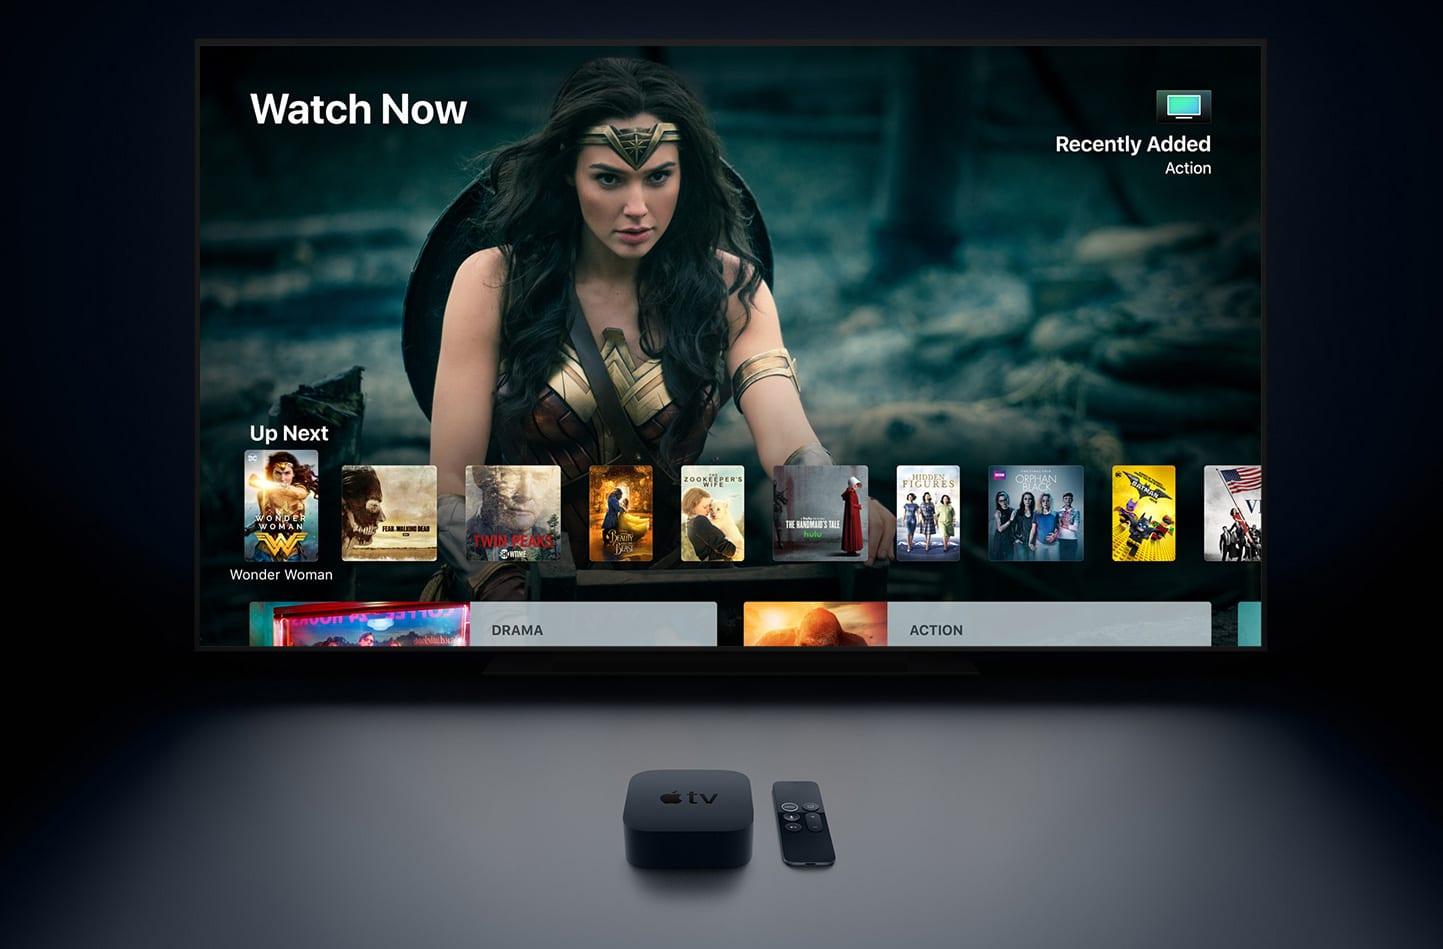 4k screen and appletv - Apple vydal tvOS 11.2 (beta 2) pre verejných beta testerov